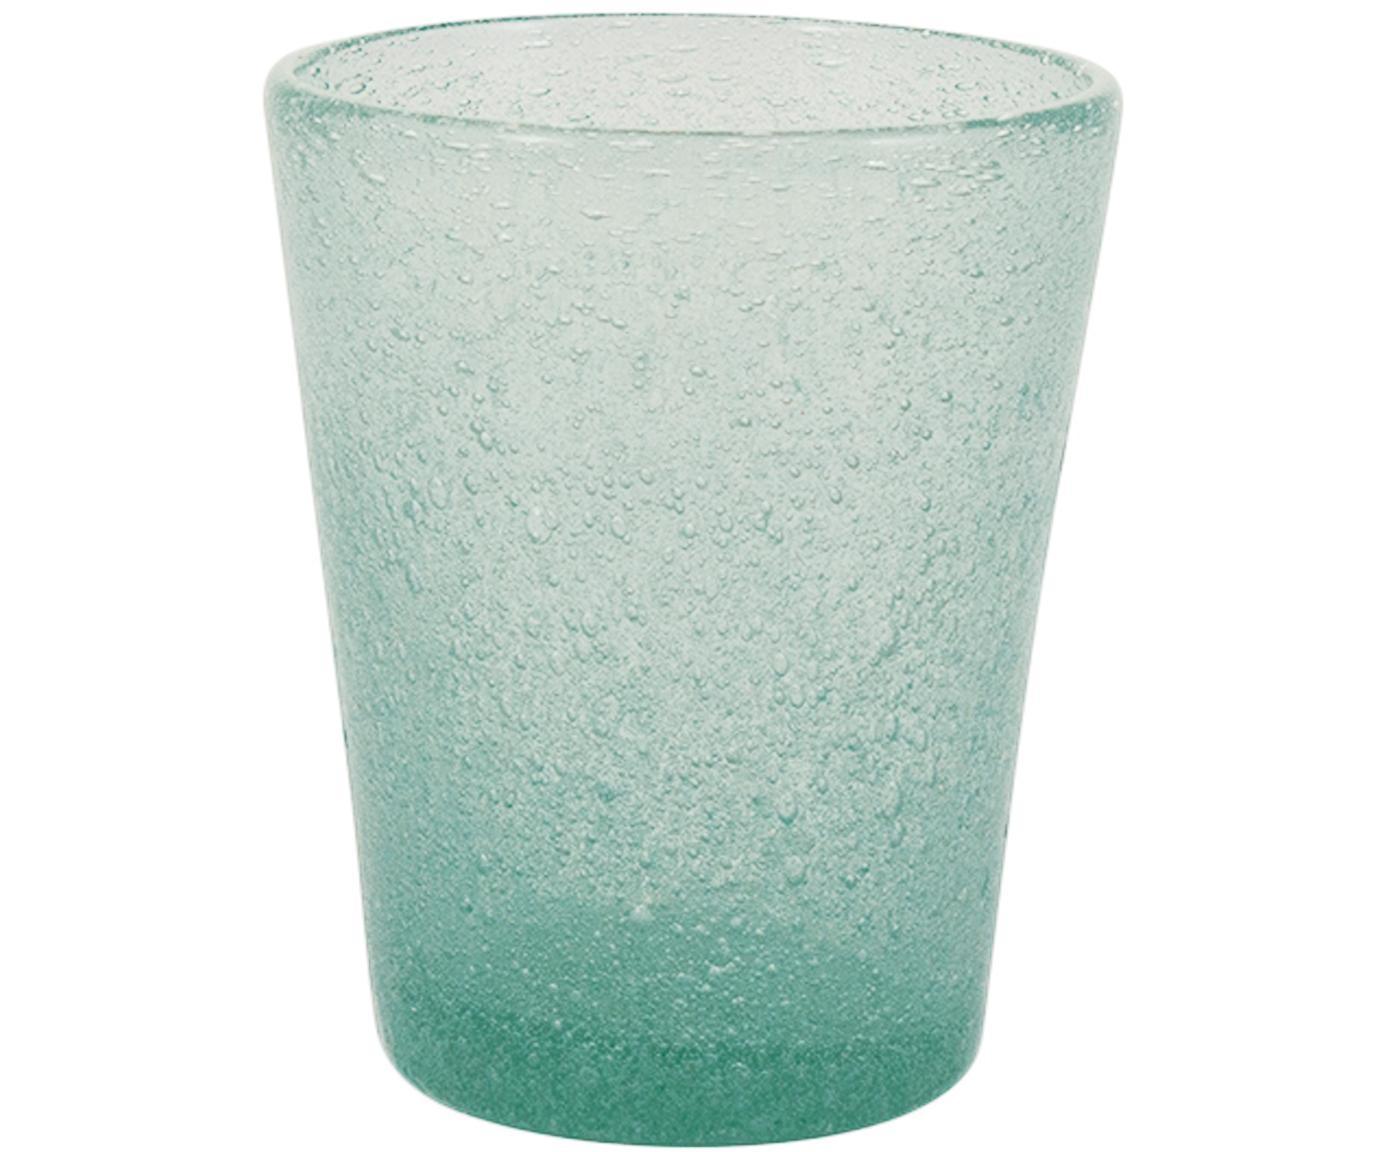 Vasos de vidrio soplado Cancun, 6uds., Vidrio soplado artesanalmente, Verde, Ø 9 x Al 10 cm